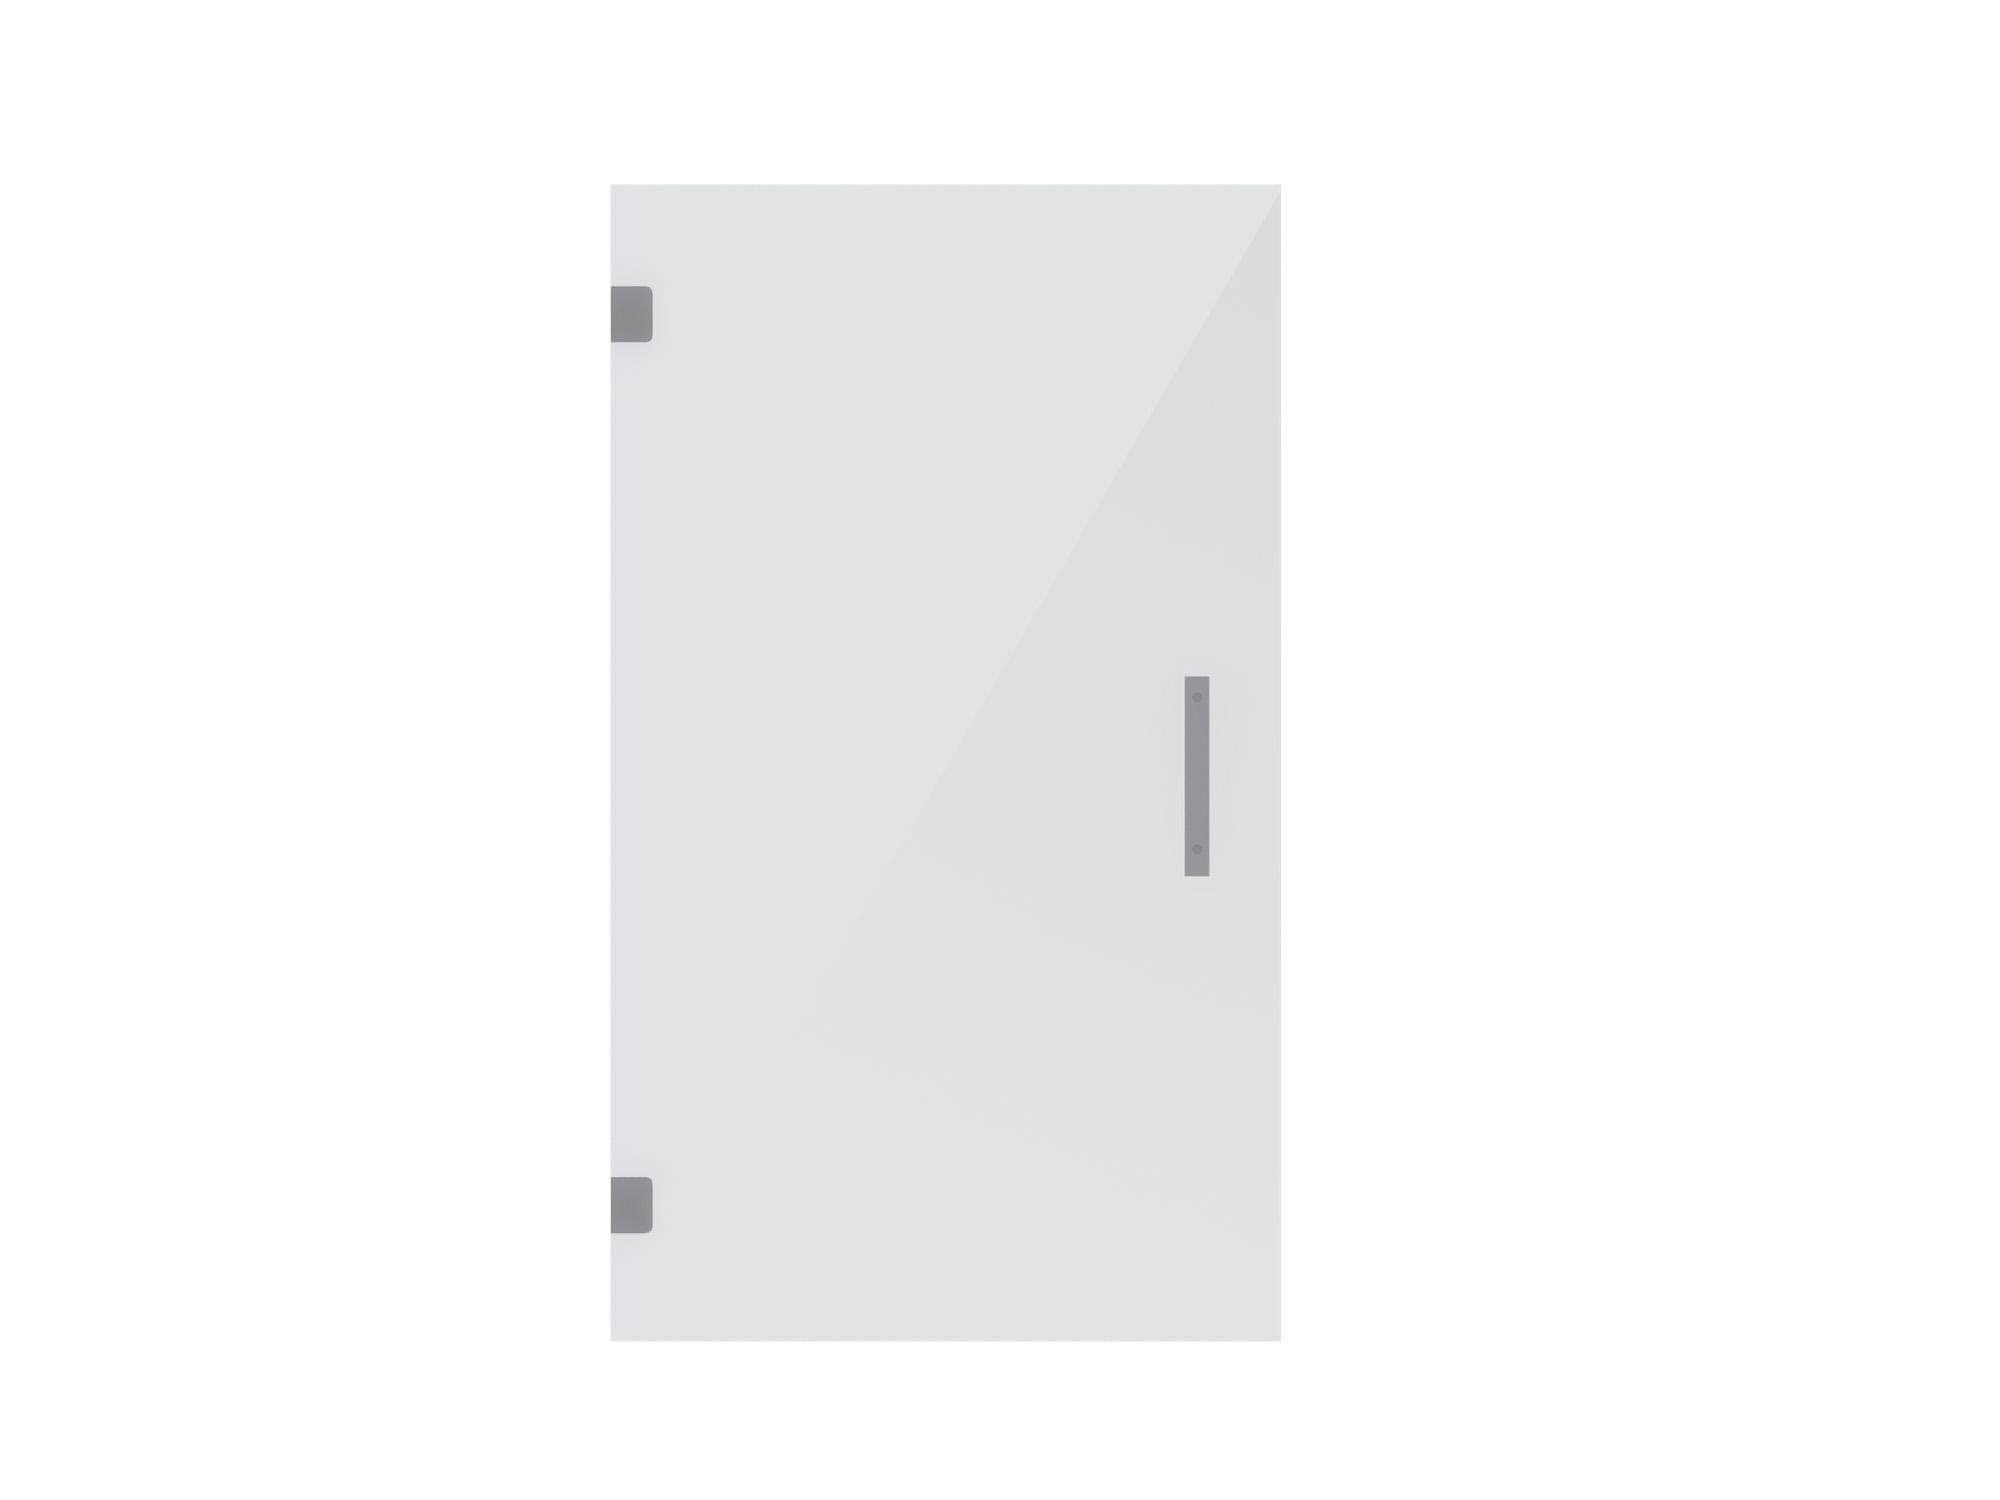 Frameless Glass Showers, Frameless Shower Doors - Shower Glass